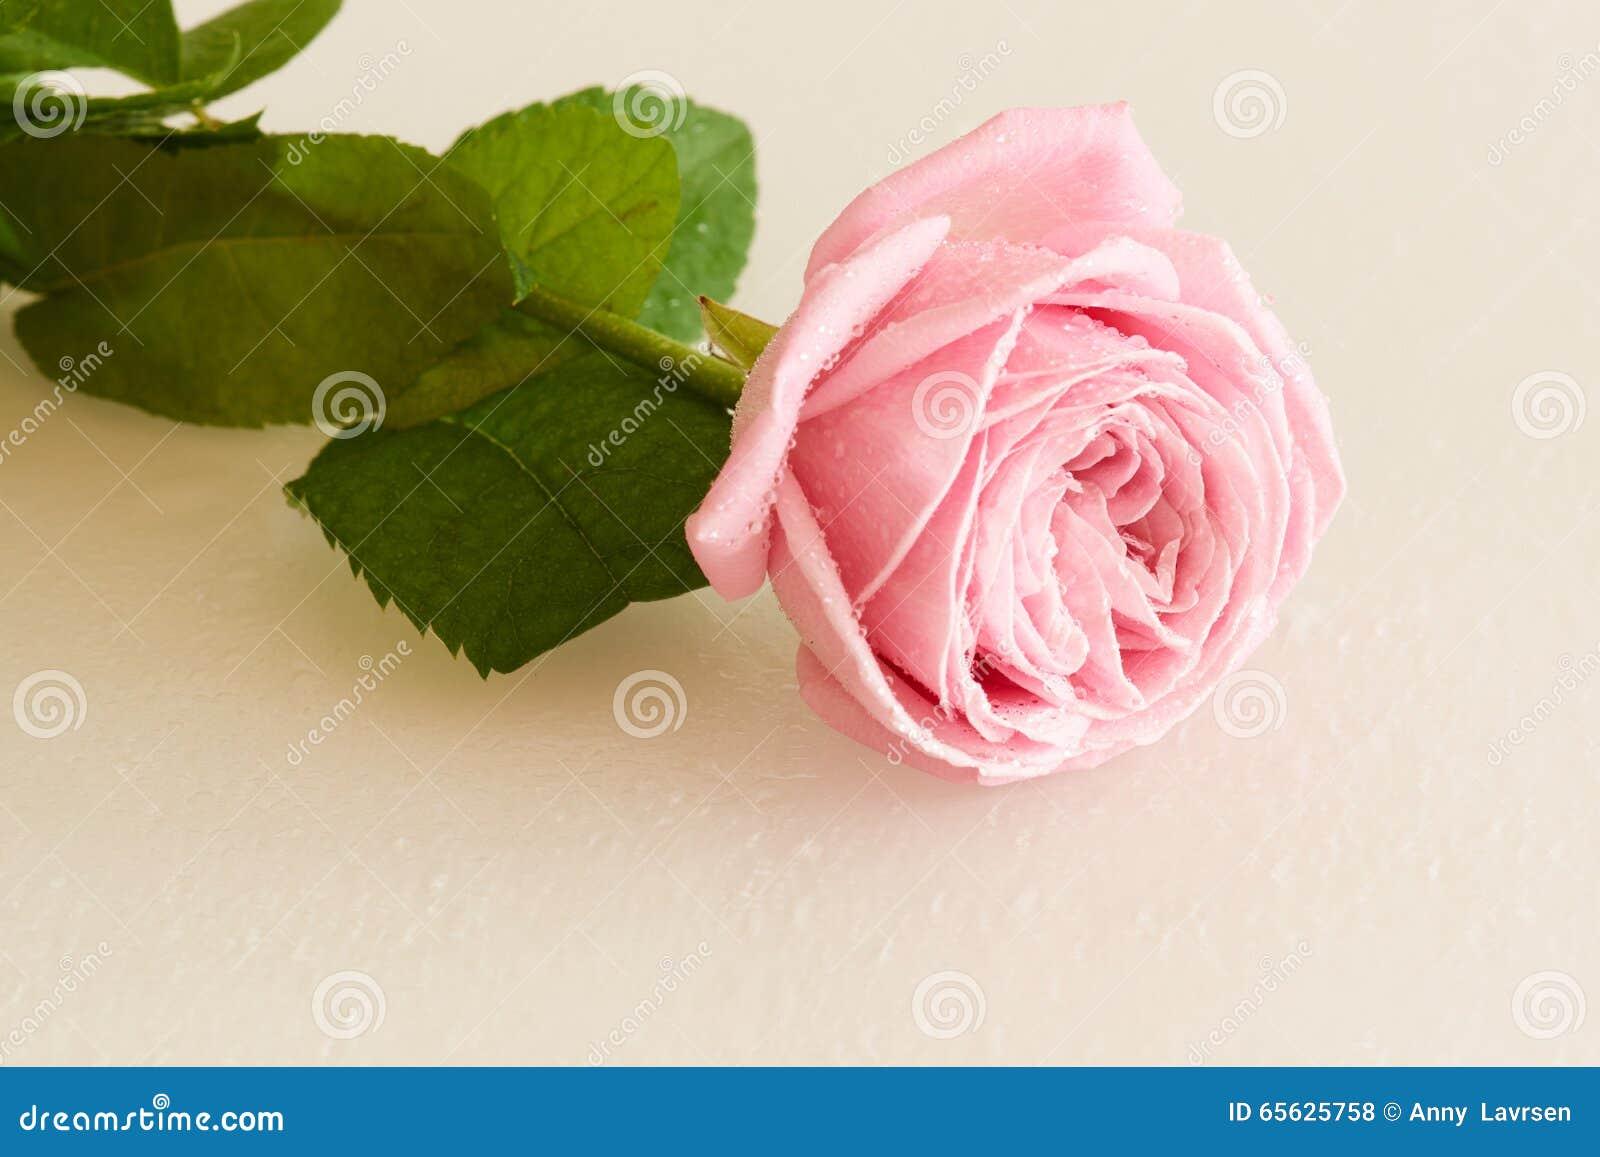 La rose de rose avec de l eau se laisse tomber sur la surface blanche